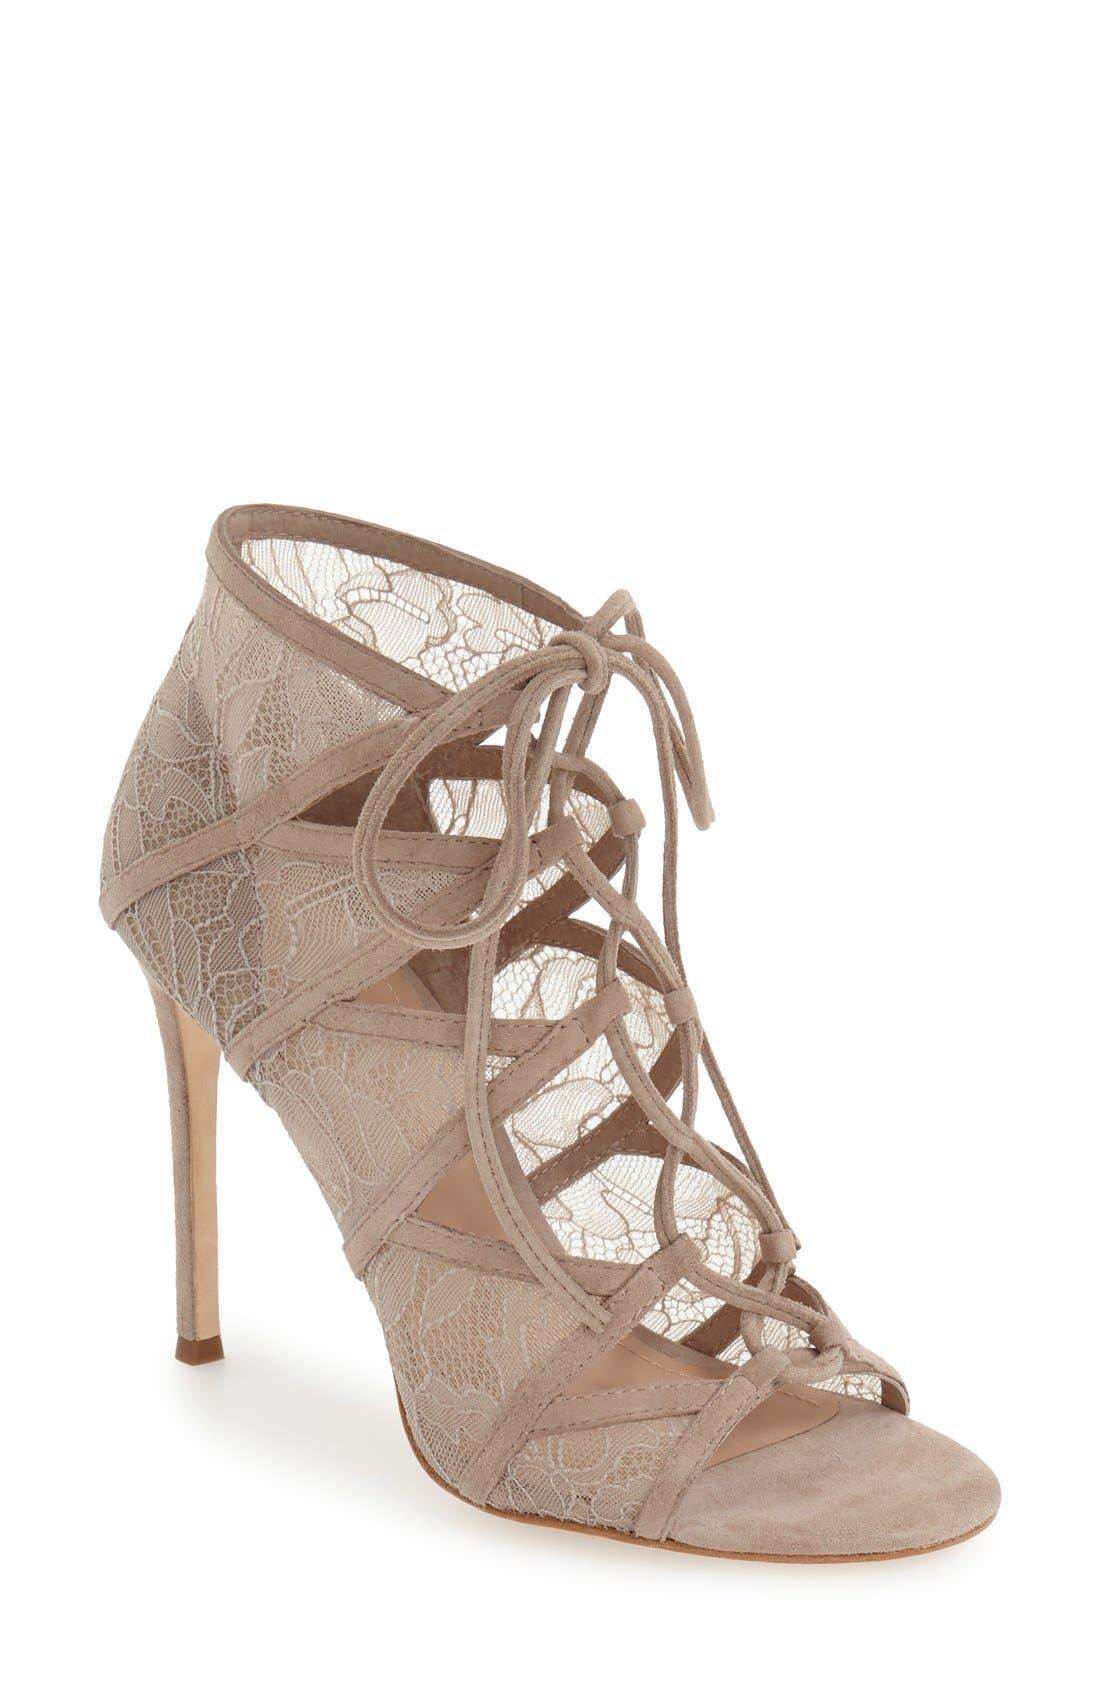 Alternate Image 1 Selected - Pour la Victoire 'Ellery' Lace-Up Sandal (Women)